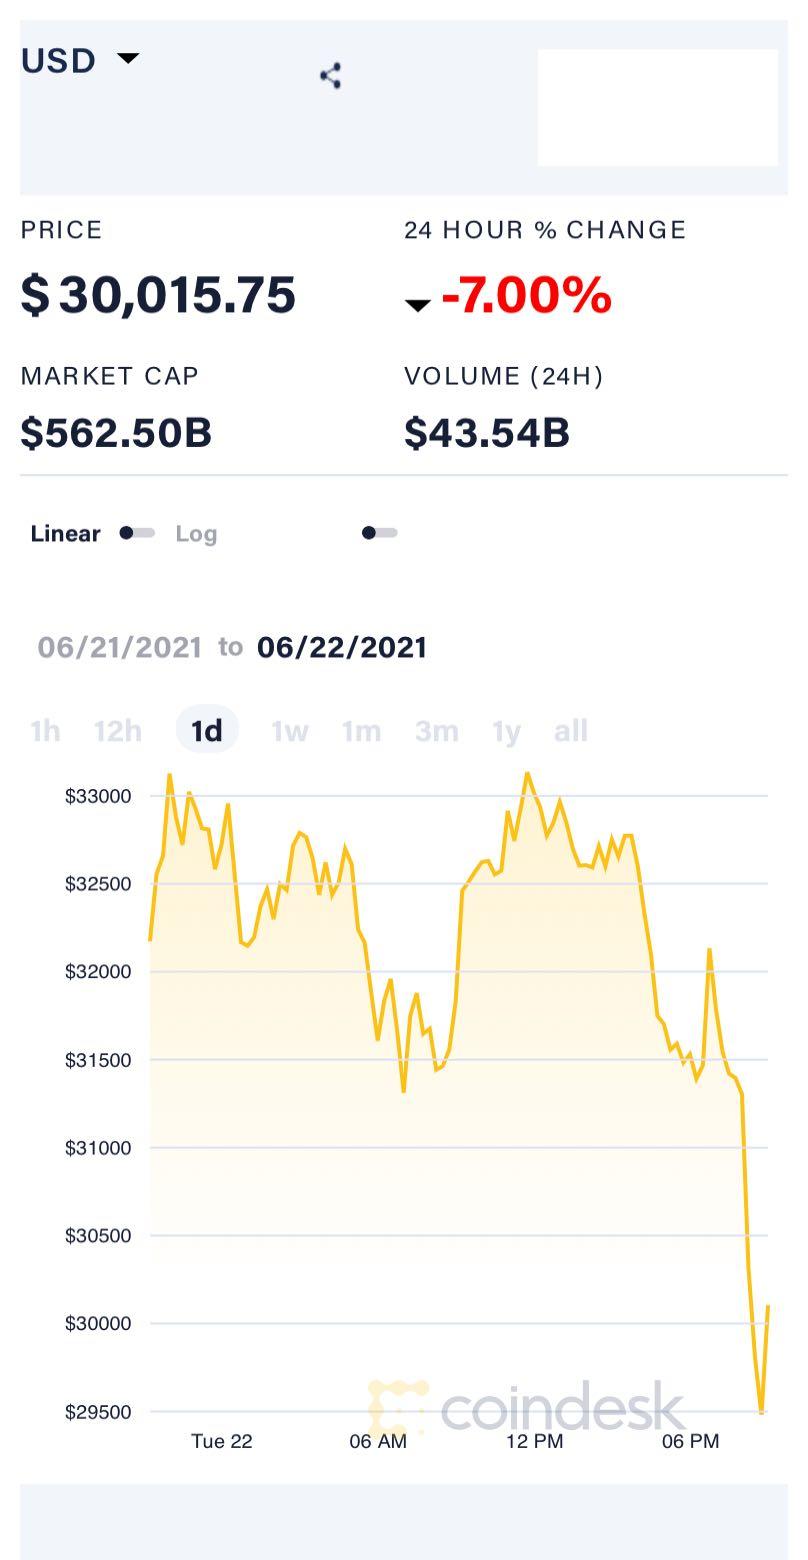 比特币日内跌超7%跌破3万美元,较4月历史最高价已腰斩